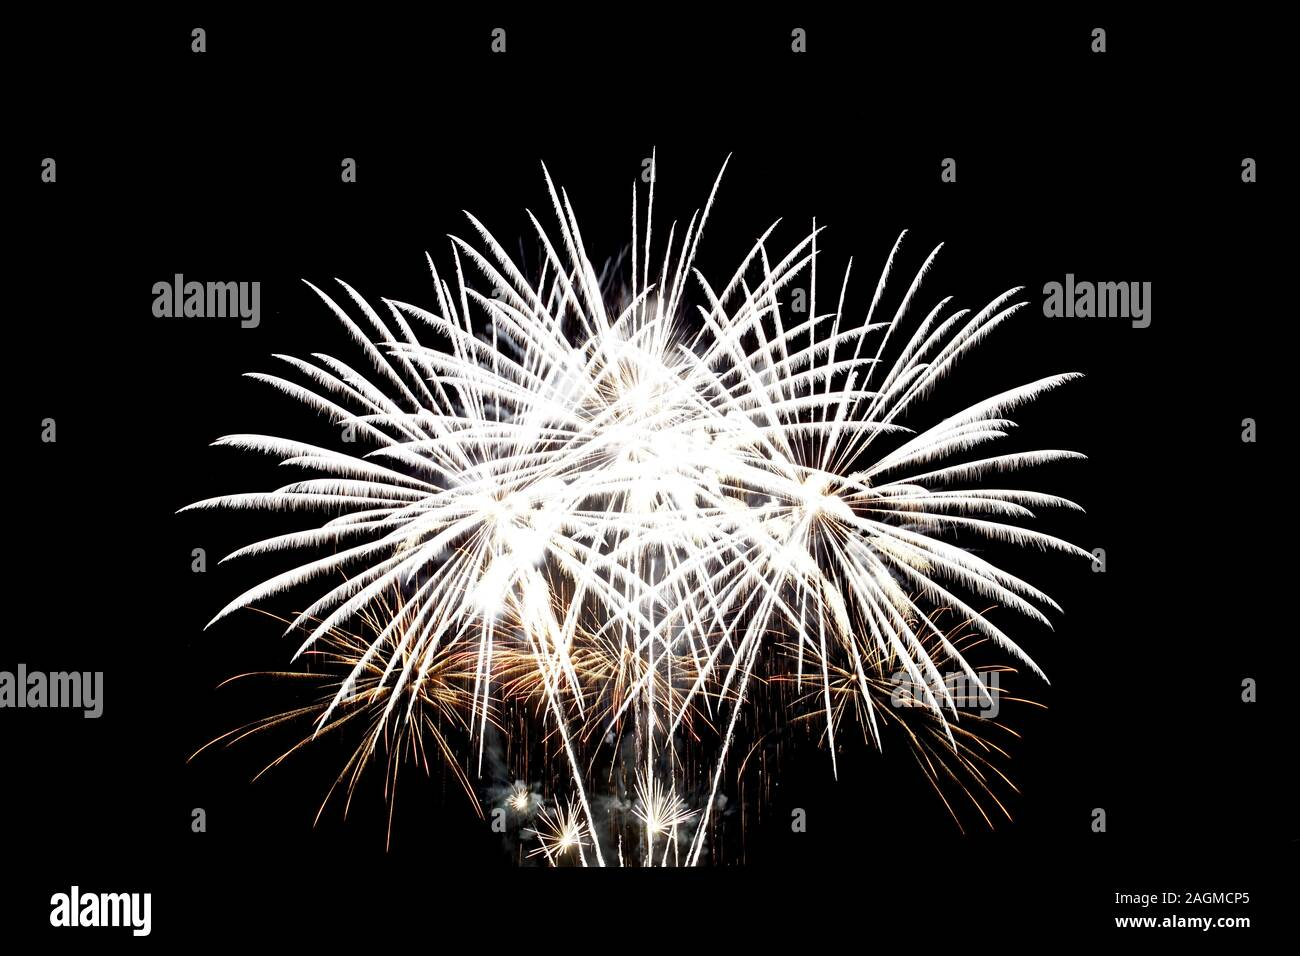 Los fuegos artificiales iluminan el cielo de la noche, celebración de concepto. Foto de stock